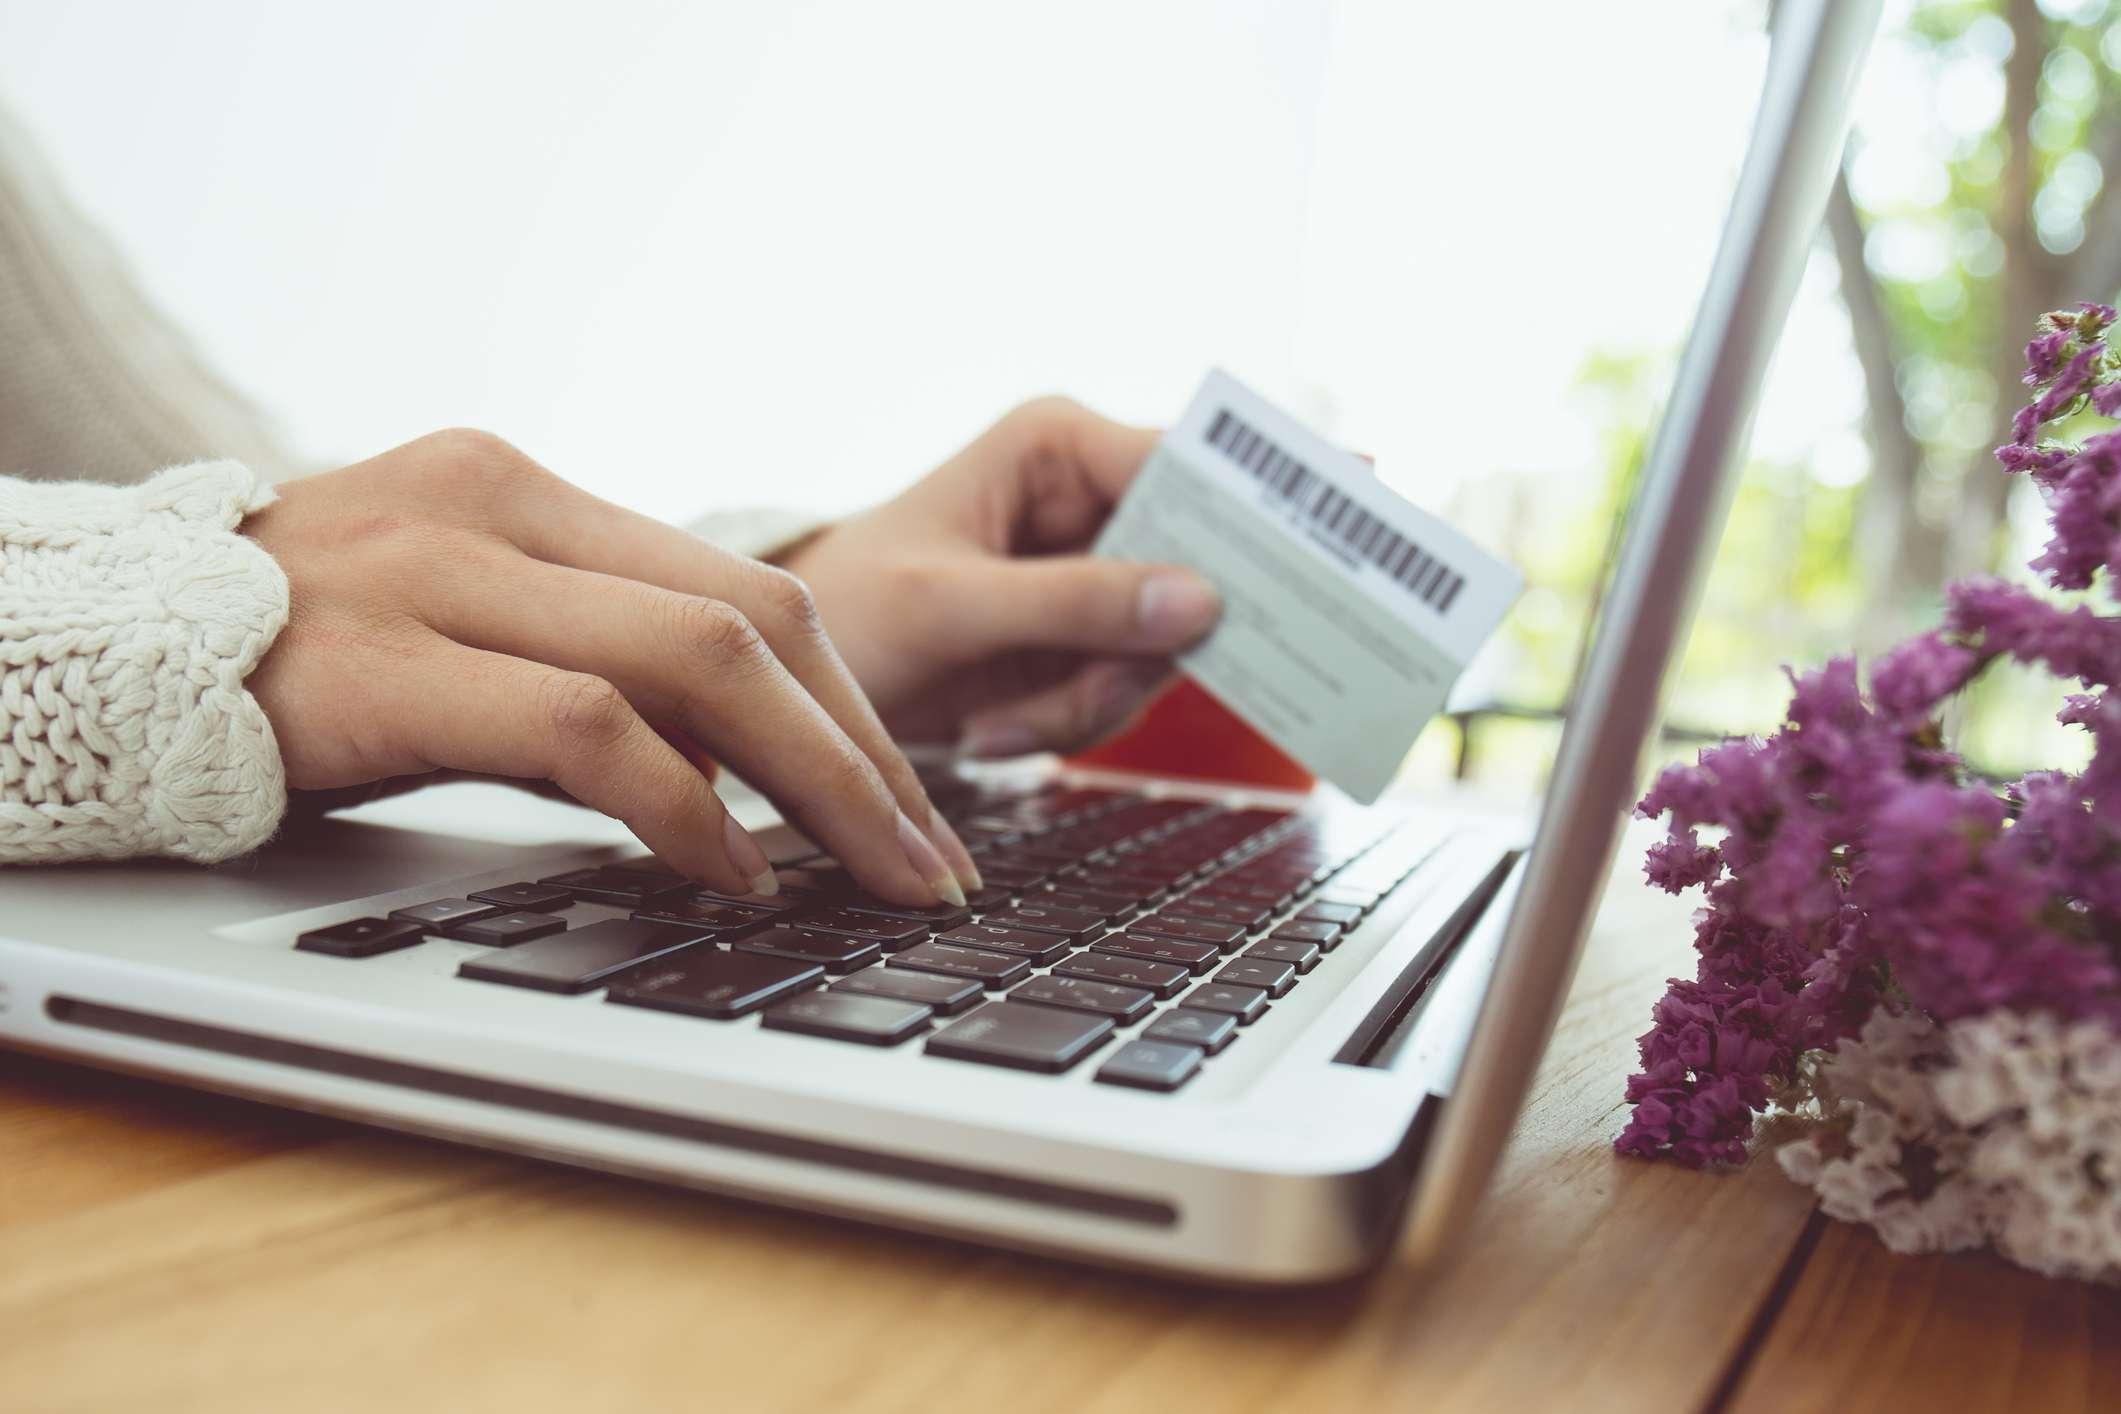 ادارة المتجر الالكتروني ودورها في تحصيل المدفوعات